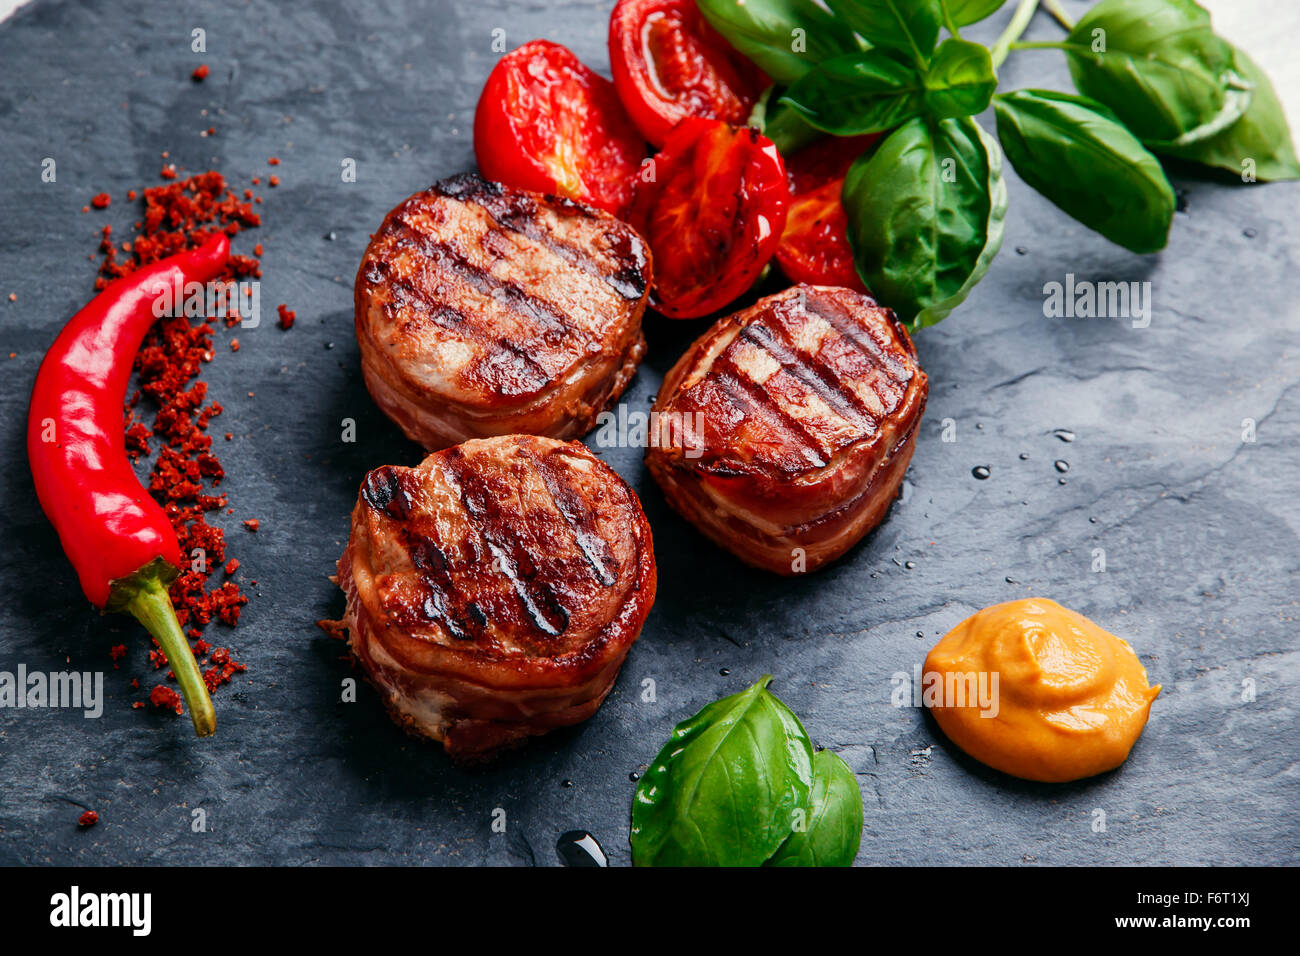 Gegrilltes Fleisch Filet eingewickelt in Speck-Medaillons Stockbild